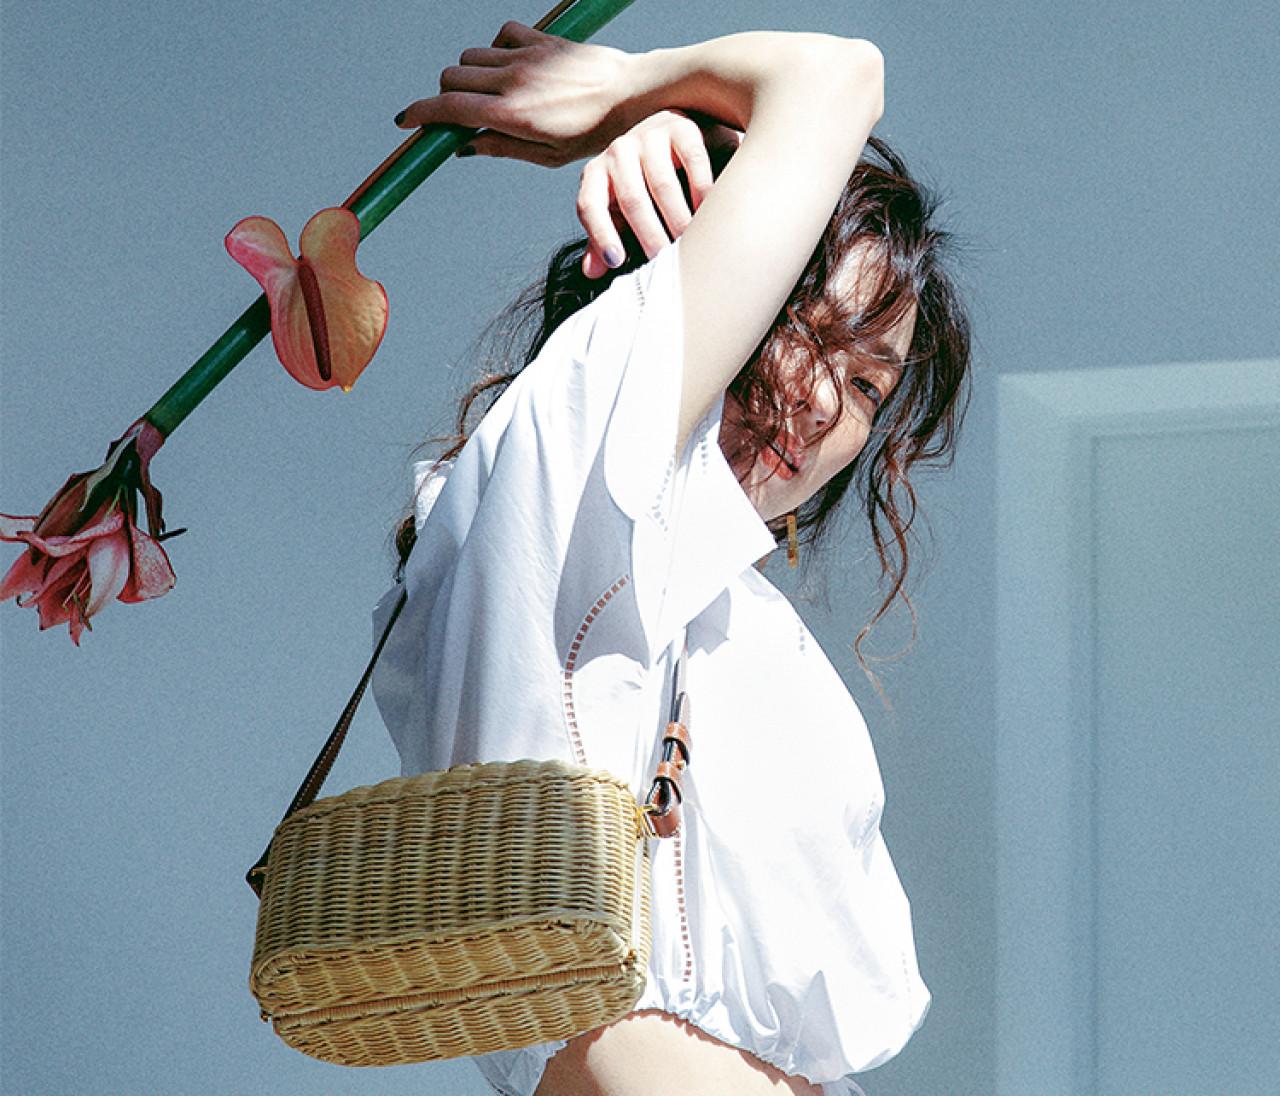 【セリーヌのかごバッグ】新作はその名も「ランチボックス」。キャッチーなデザインに一目ぼれ